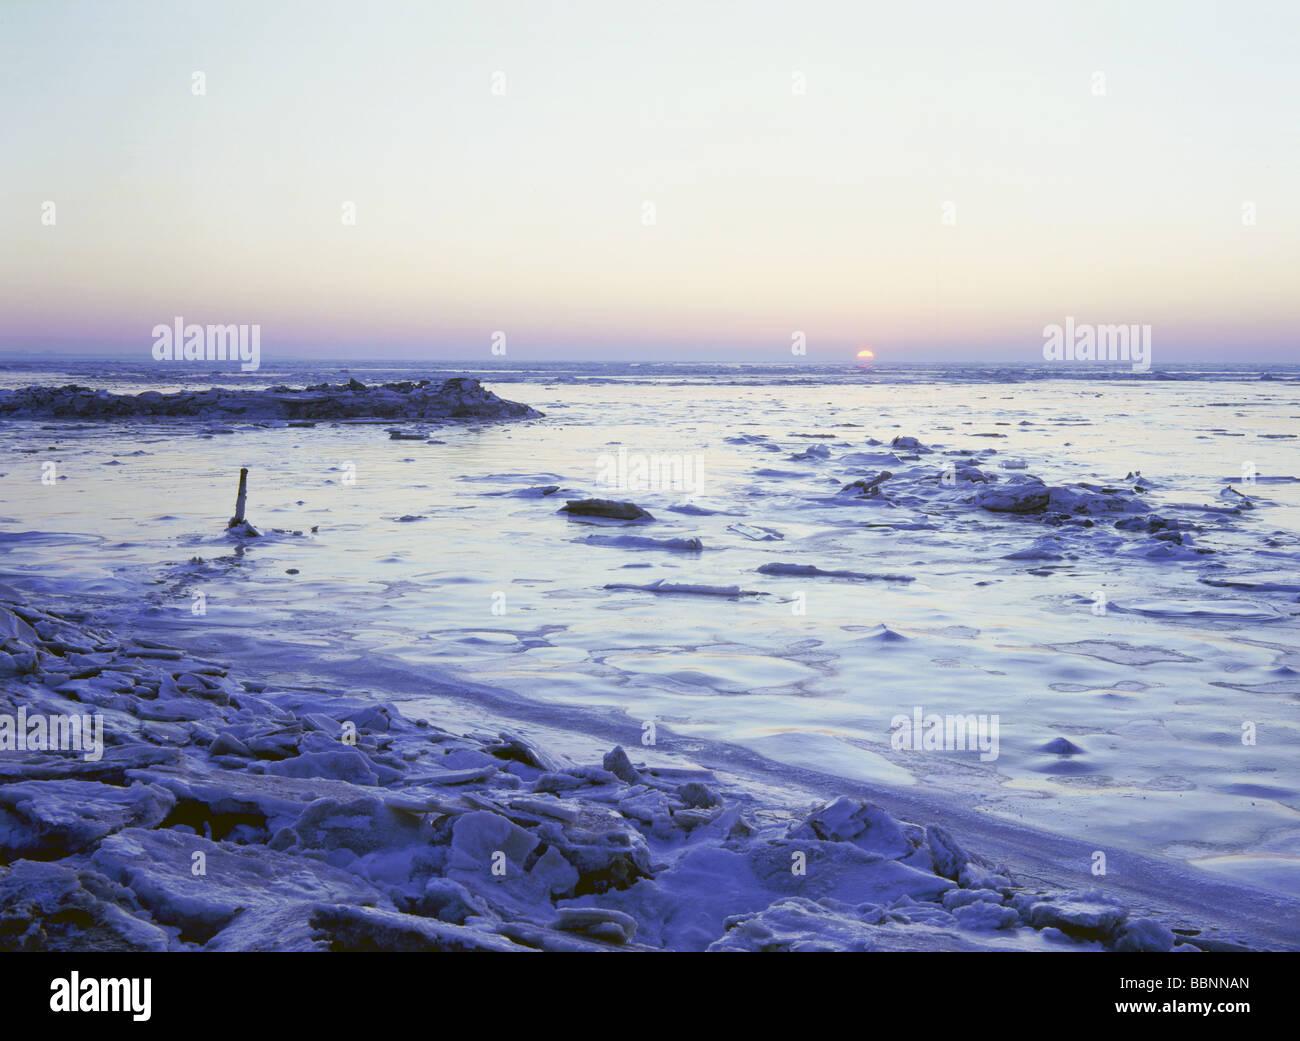 Geografía / viajes, Alemania, Baja Sajonia, paisajes, Mar del Norte, Norddeich congelados, marismas, Additional Imagen De Stock